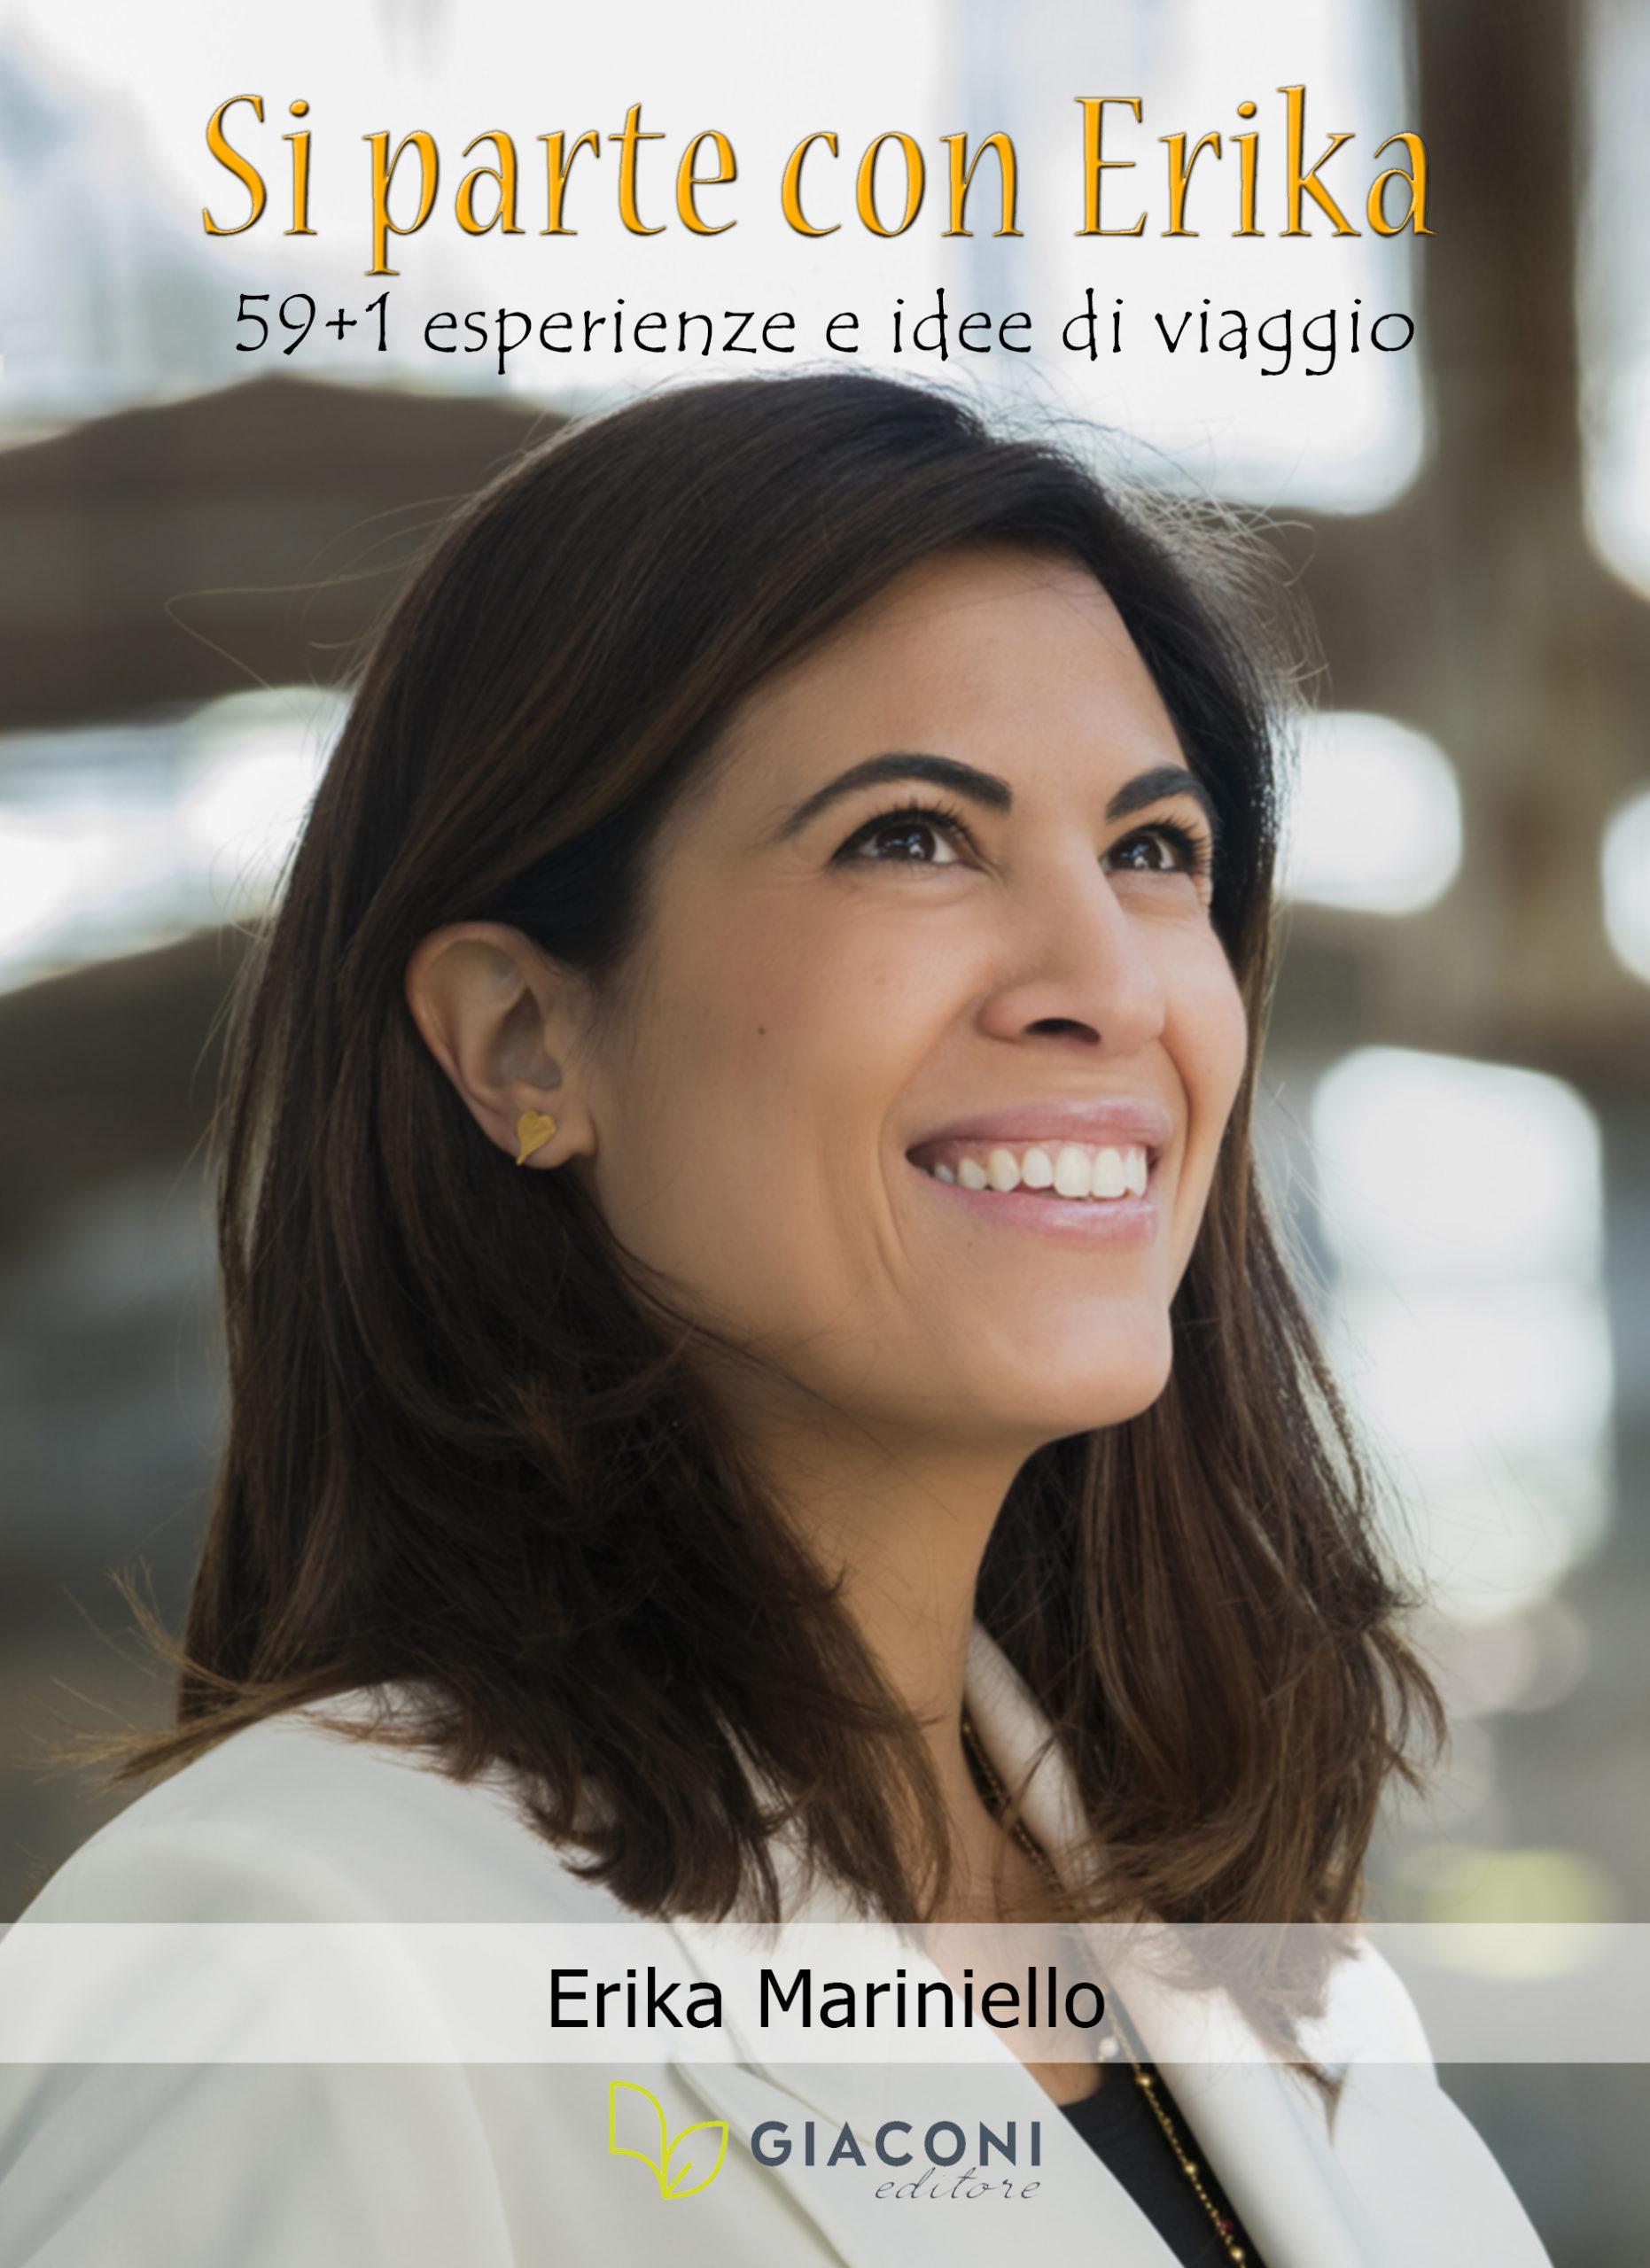 si parte con erika - Erika Mariniello